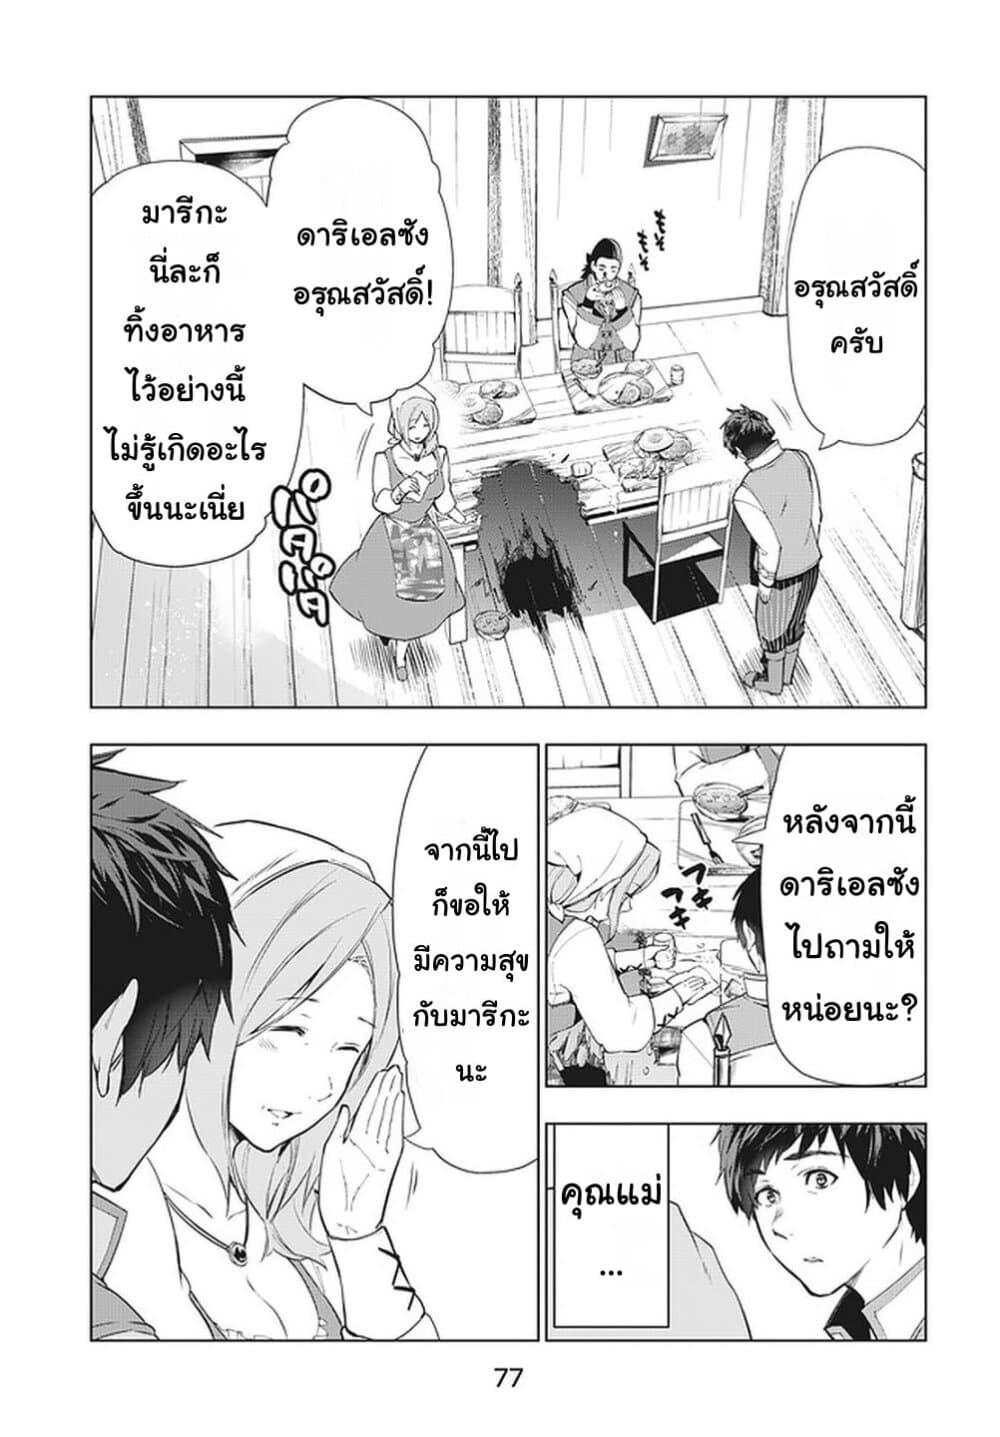 อ่านการ์ตูน Kaiko sareta Ankoku Heishi (30-dai) no Slow na Second ตอนที่ 13.1 หน้าที่ 3